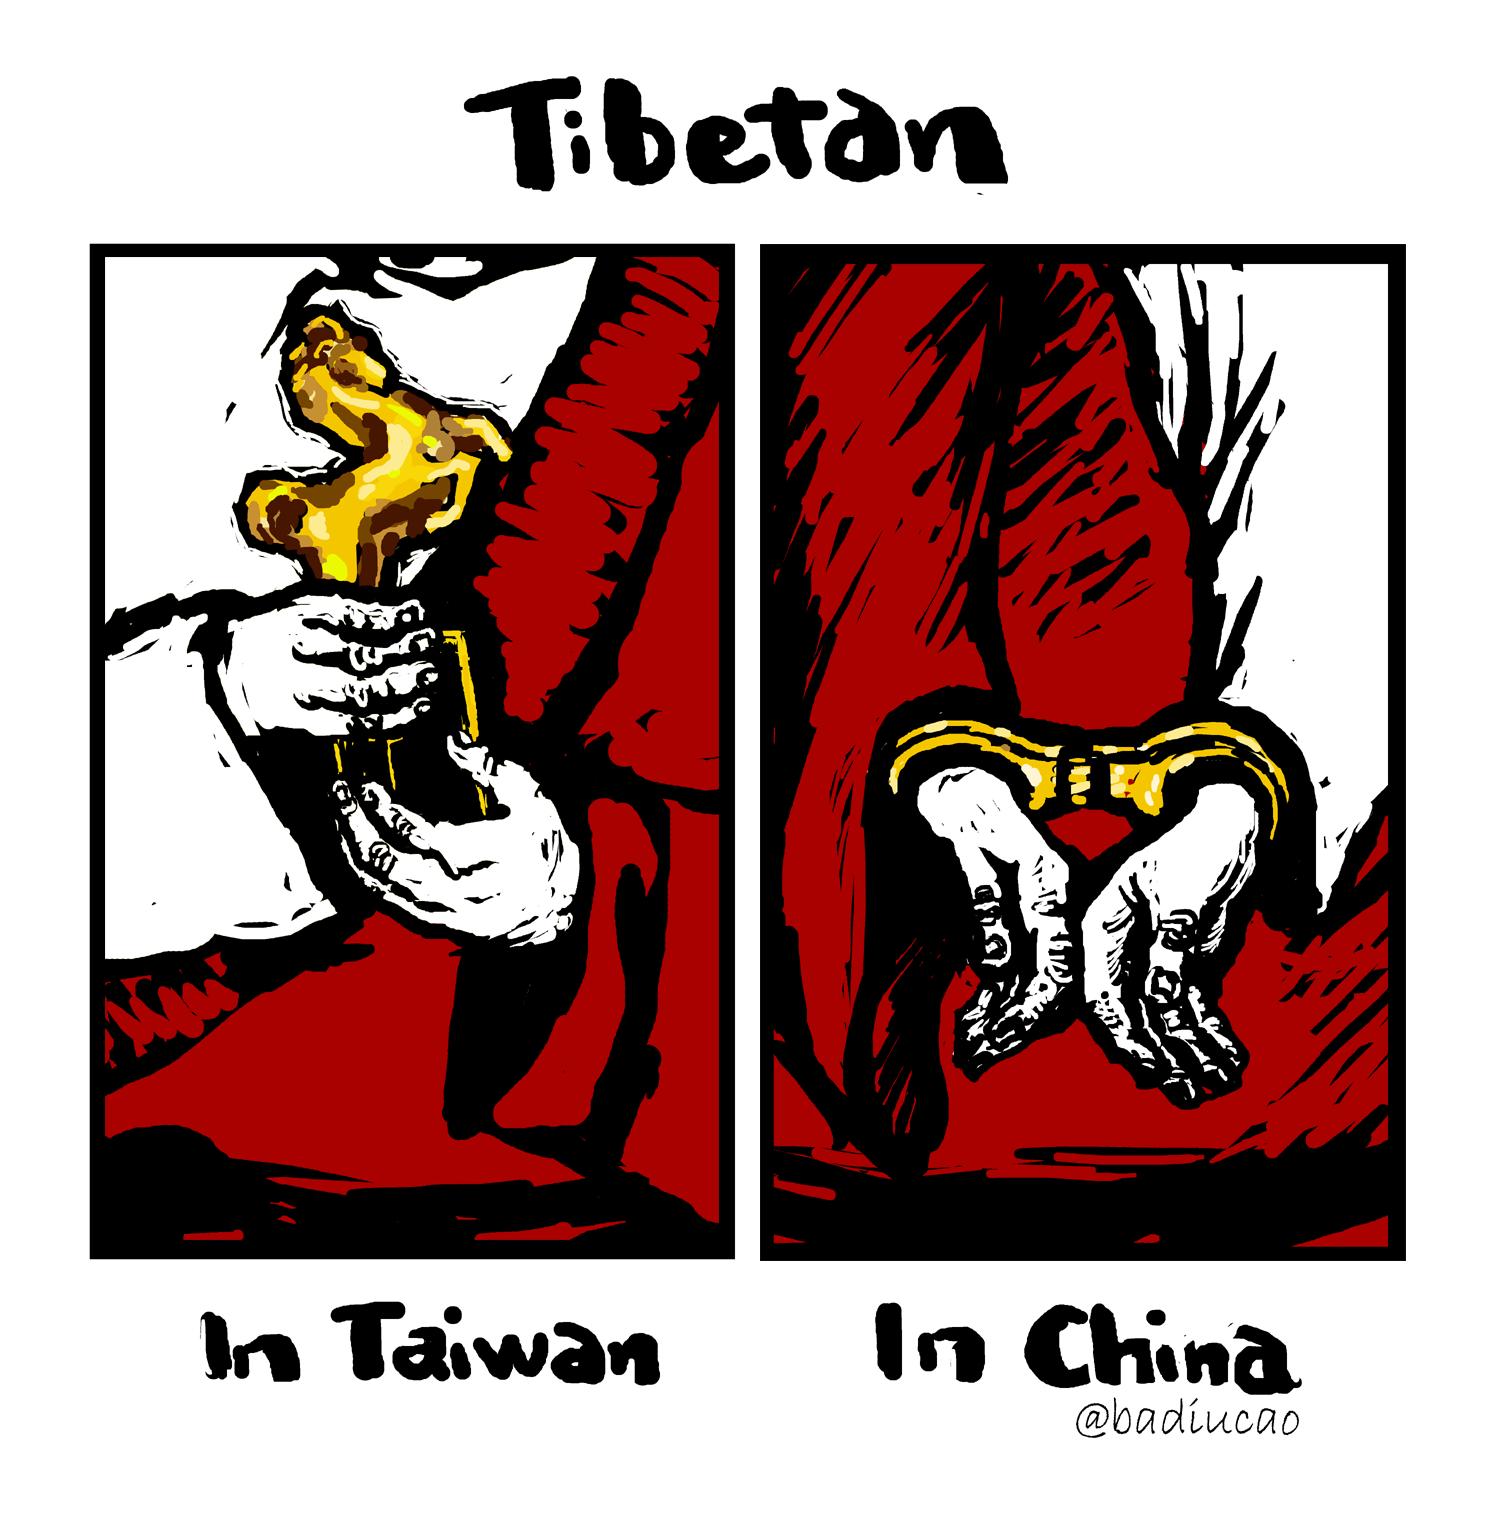 tibetan in 拷贝